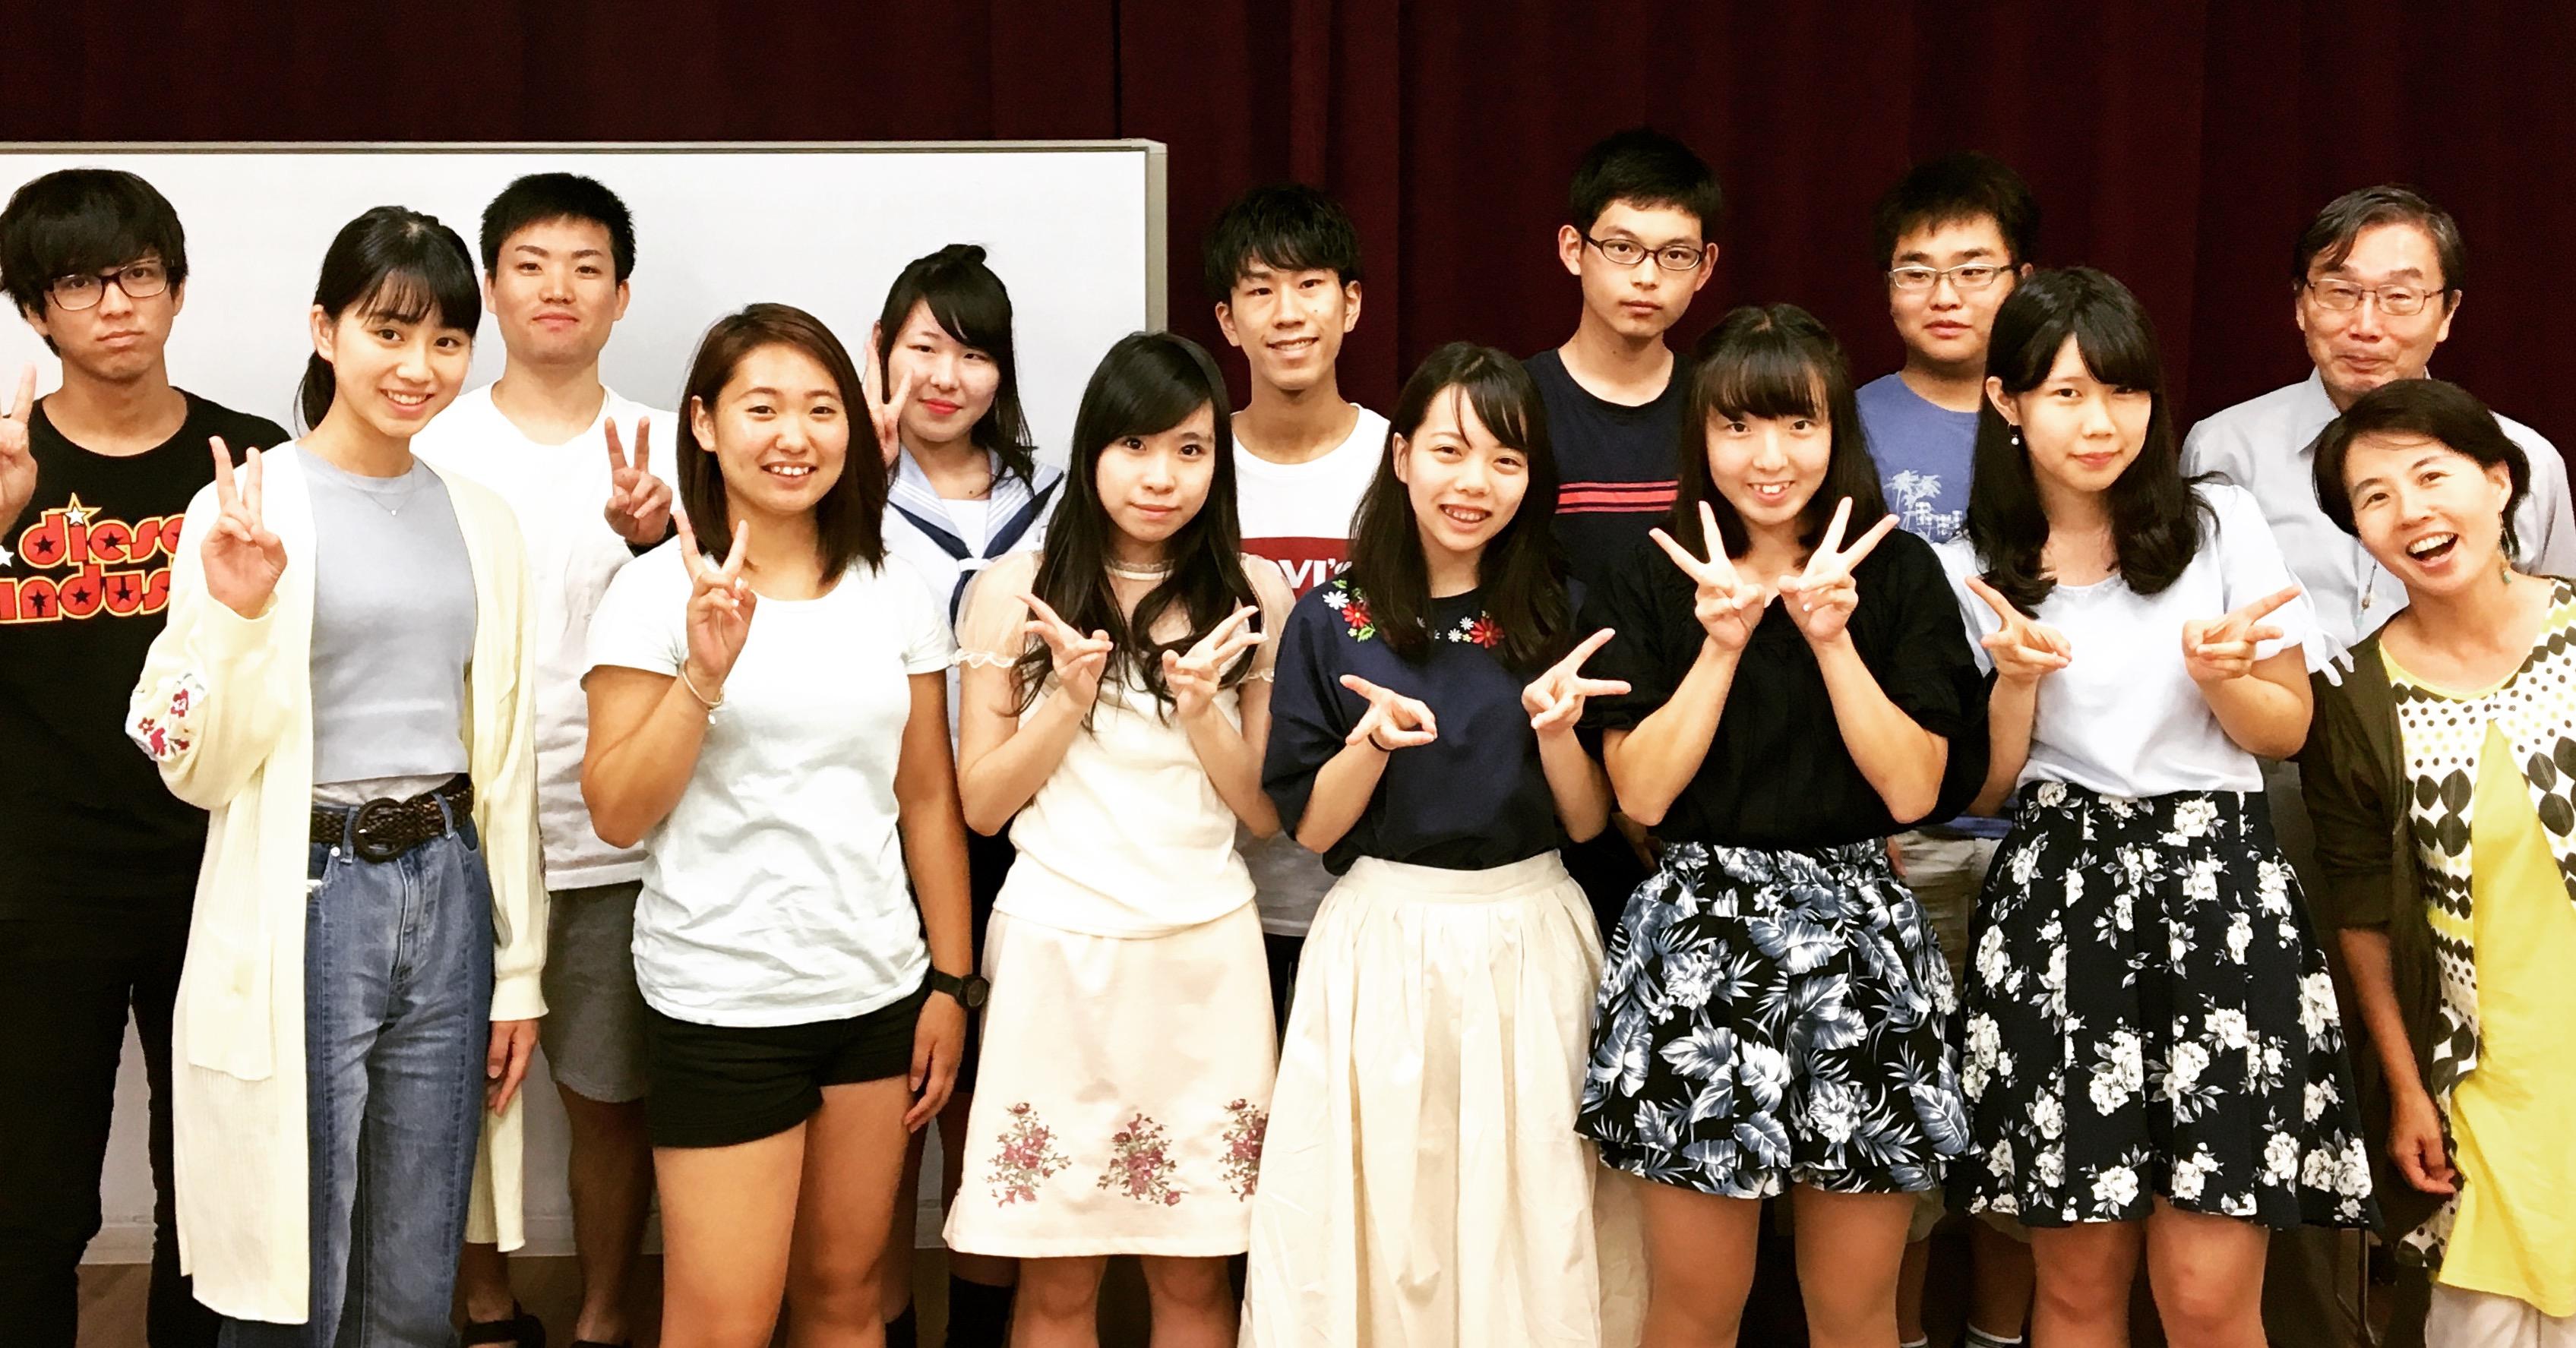 フェアトレードユースプログラム第二期の第一回ワークショップ